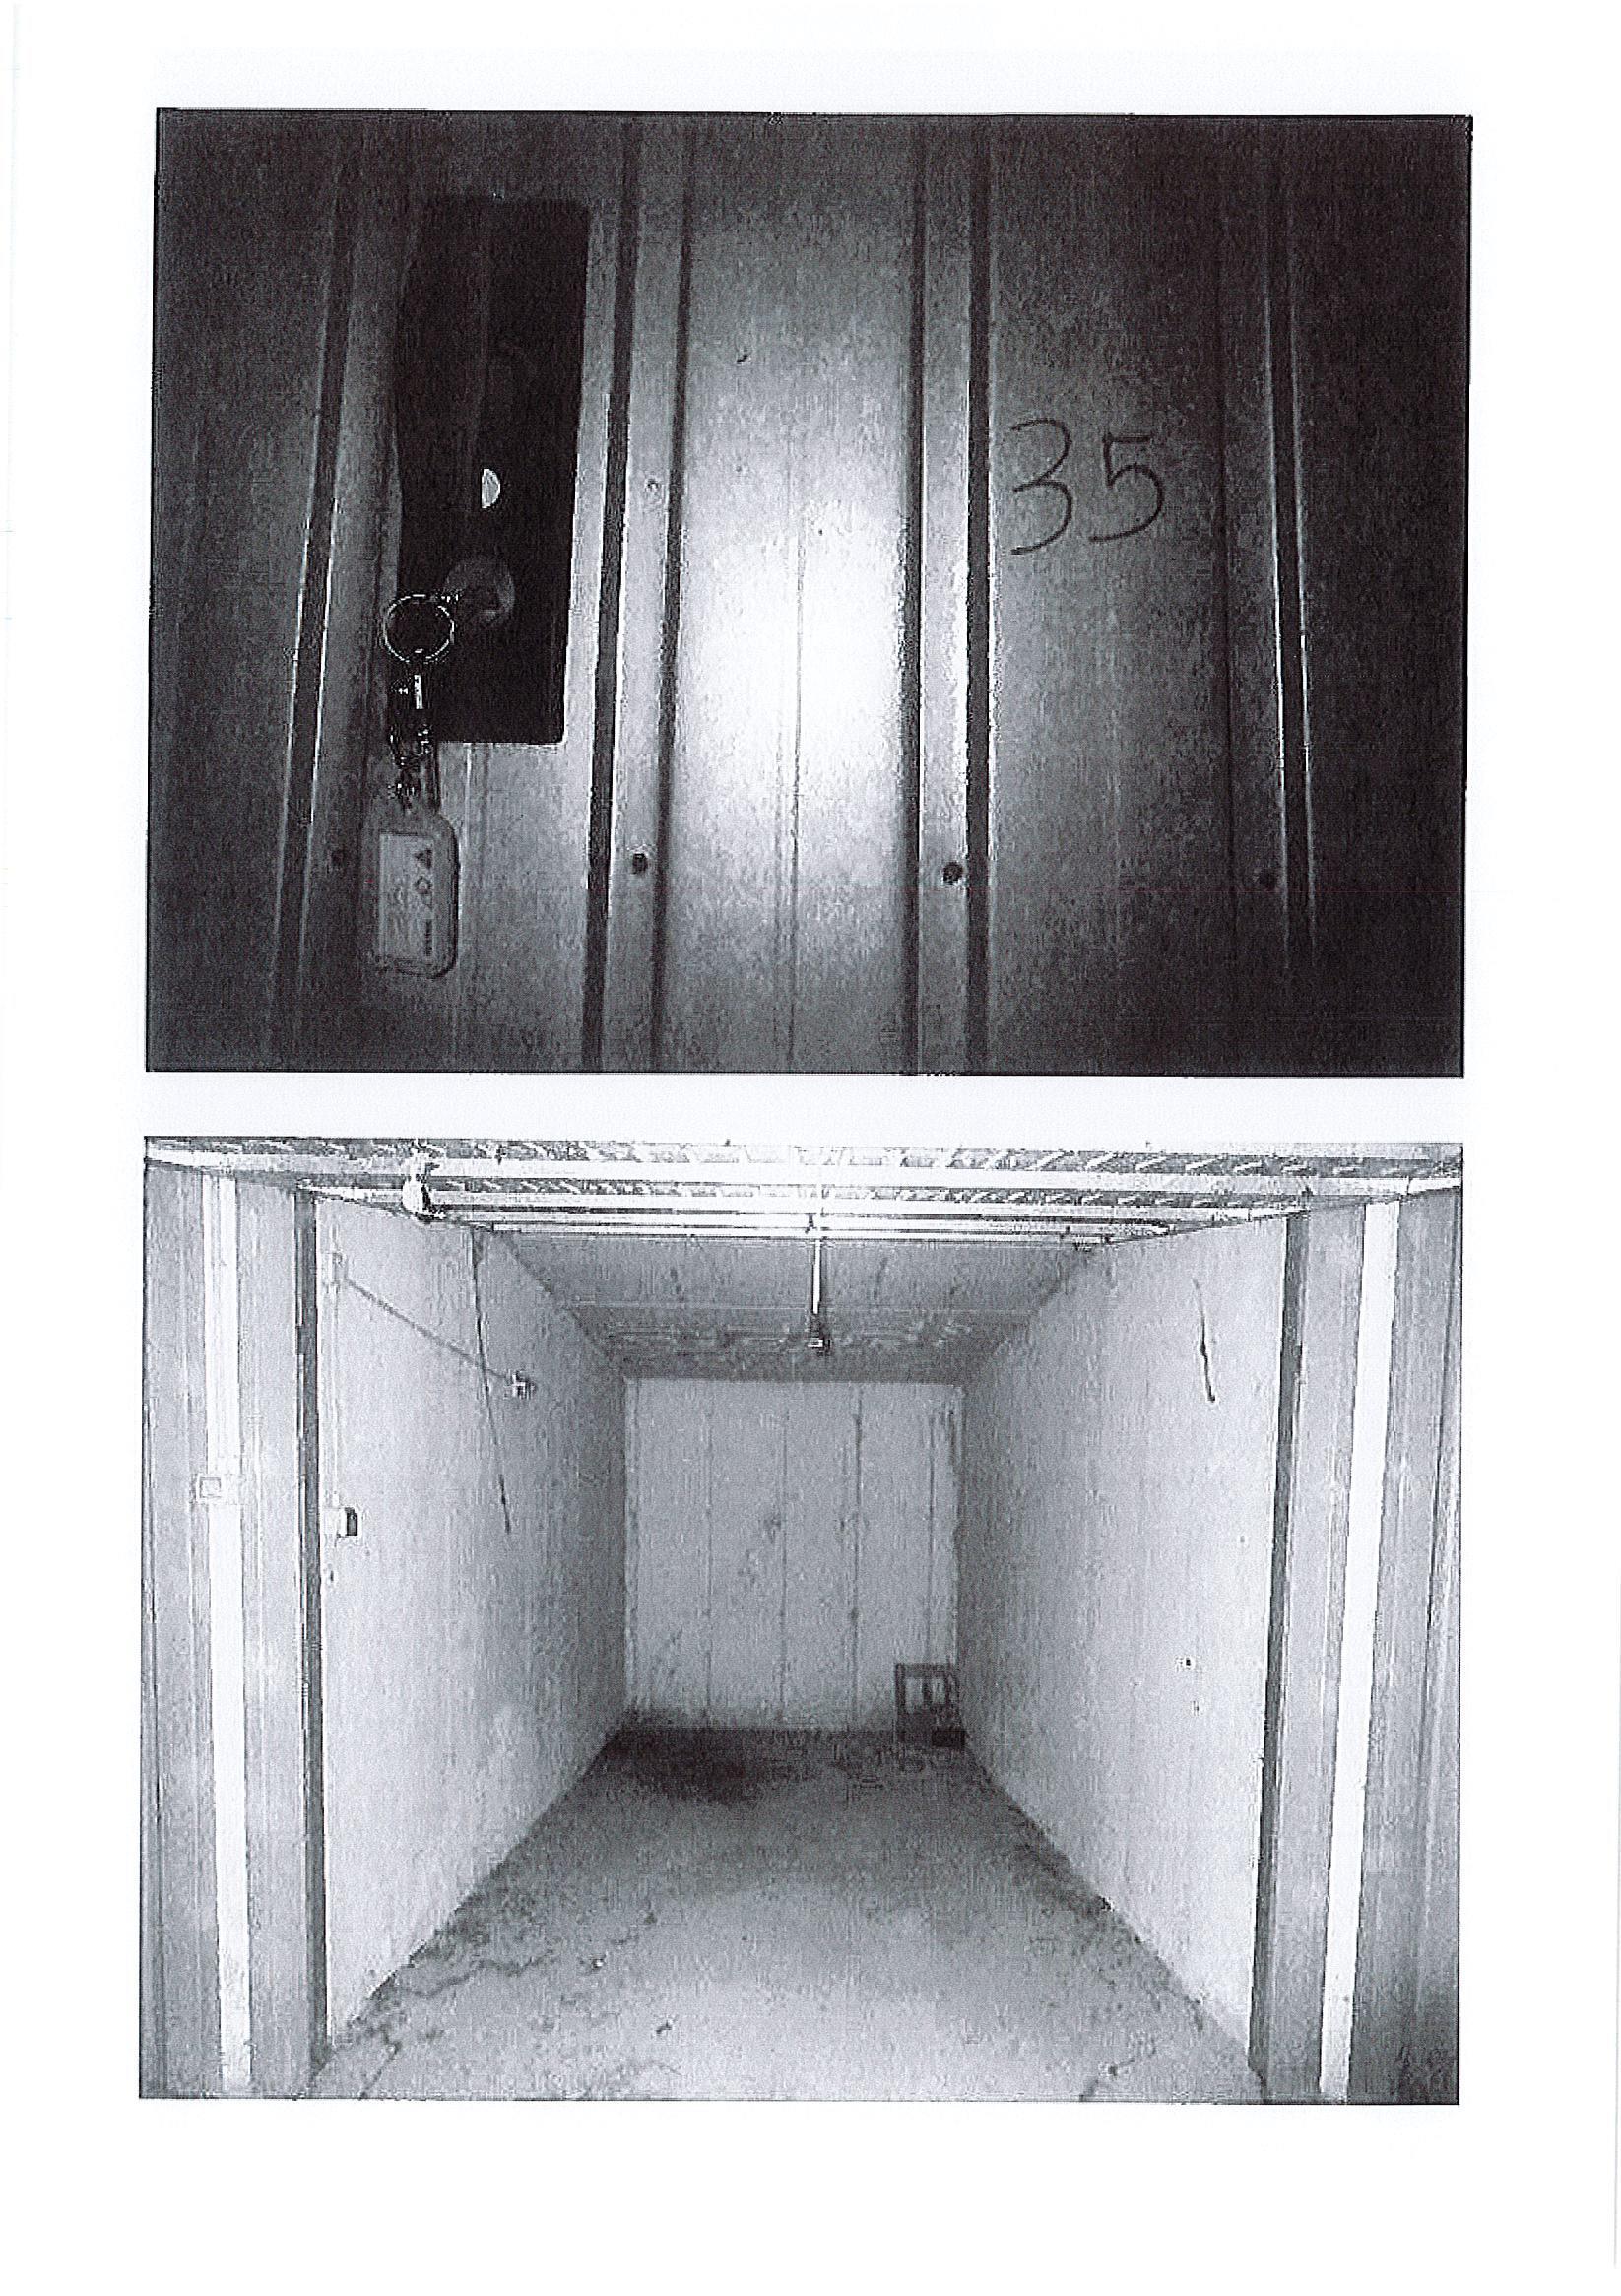 Garage o Autorimessa all'asta a Monza e della Brianza - foto 0